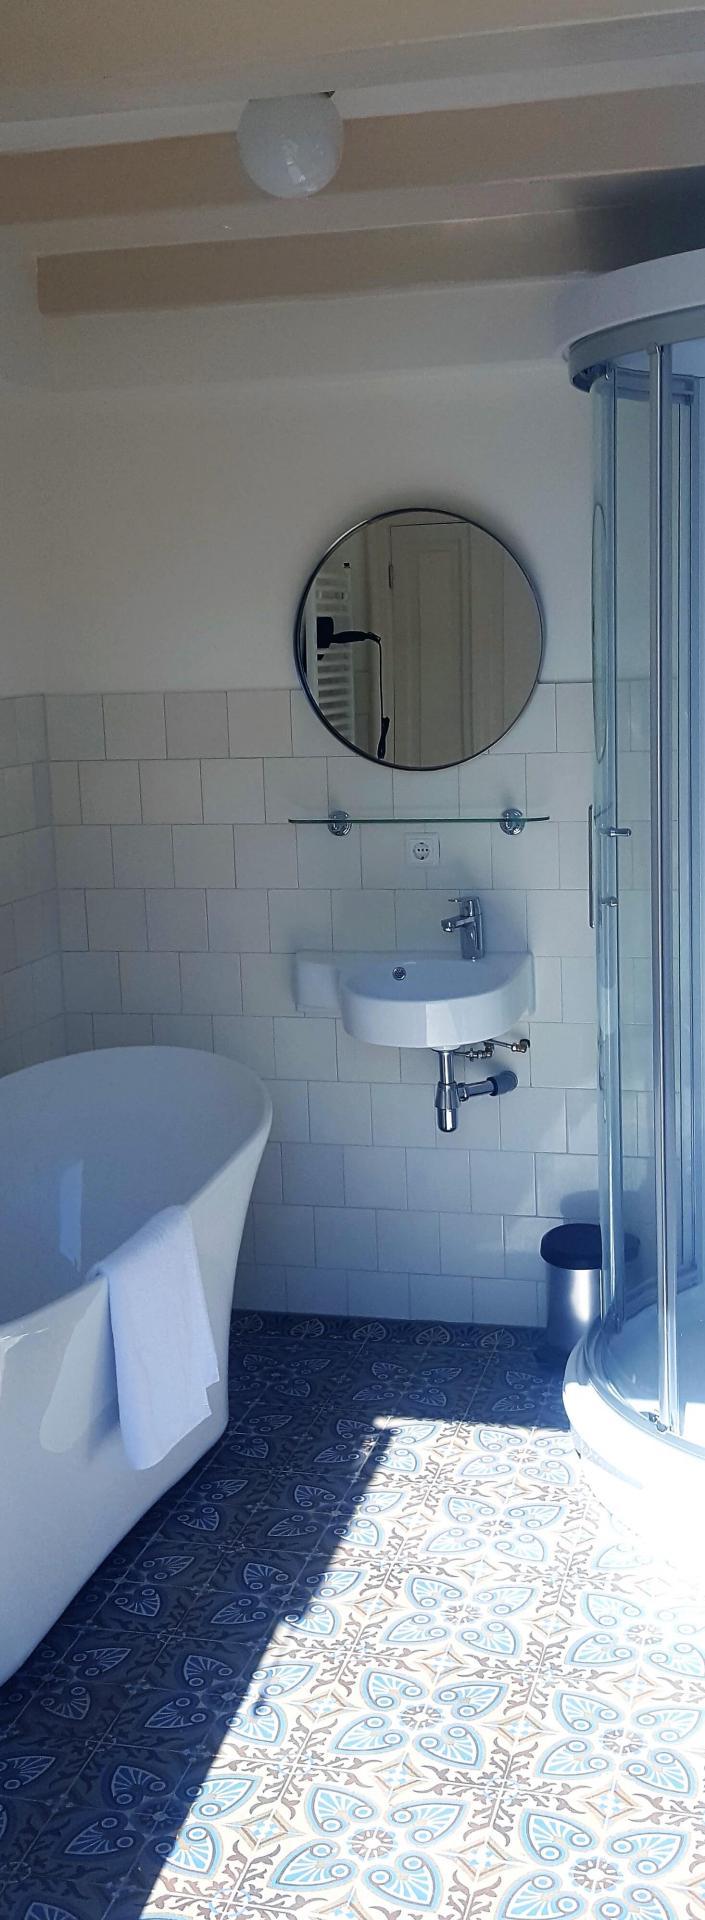 Sink at 23 Haarlemmplein Apartments, Amsterdam